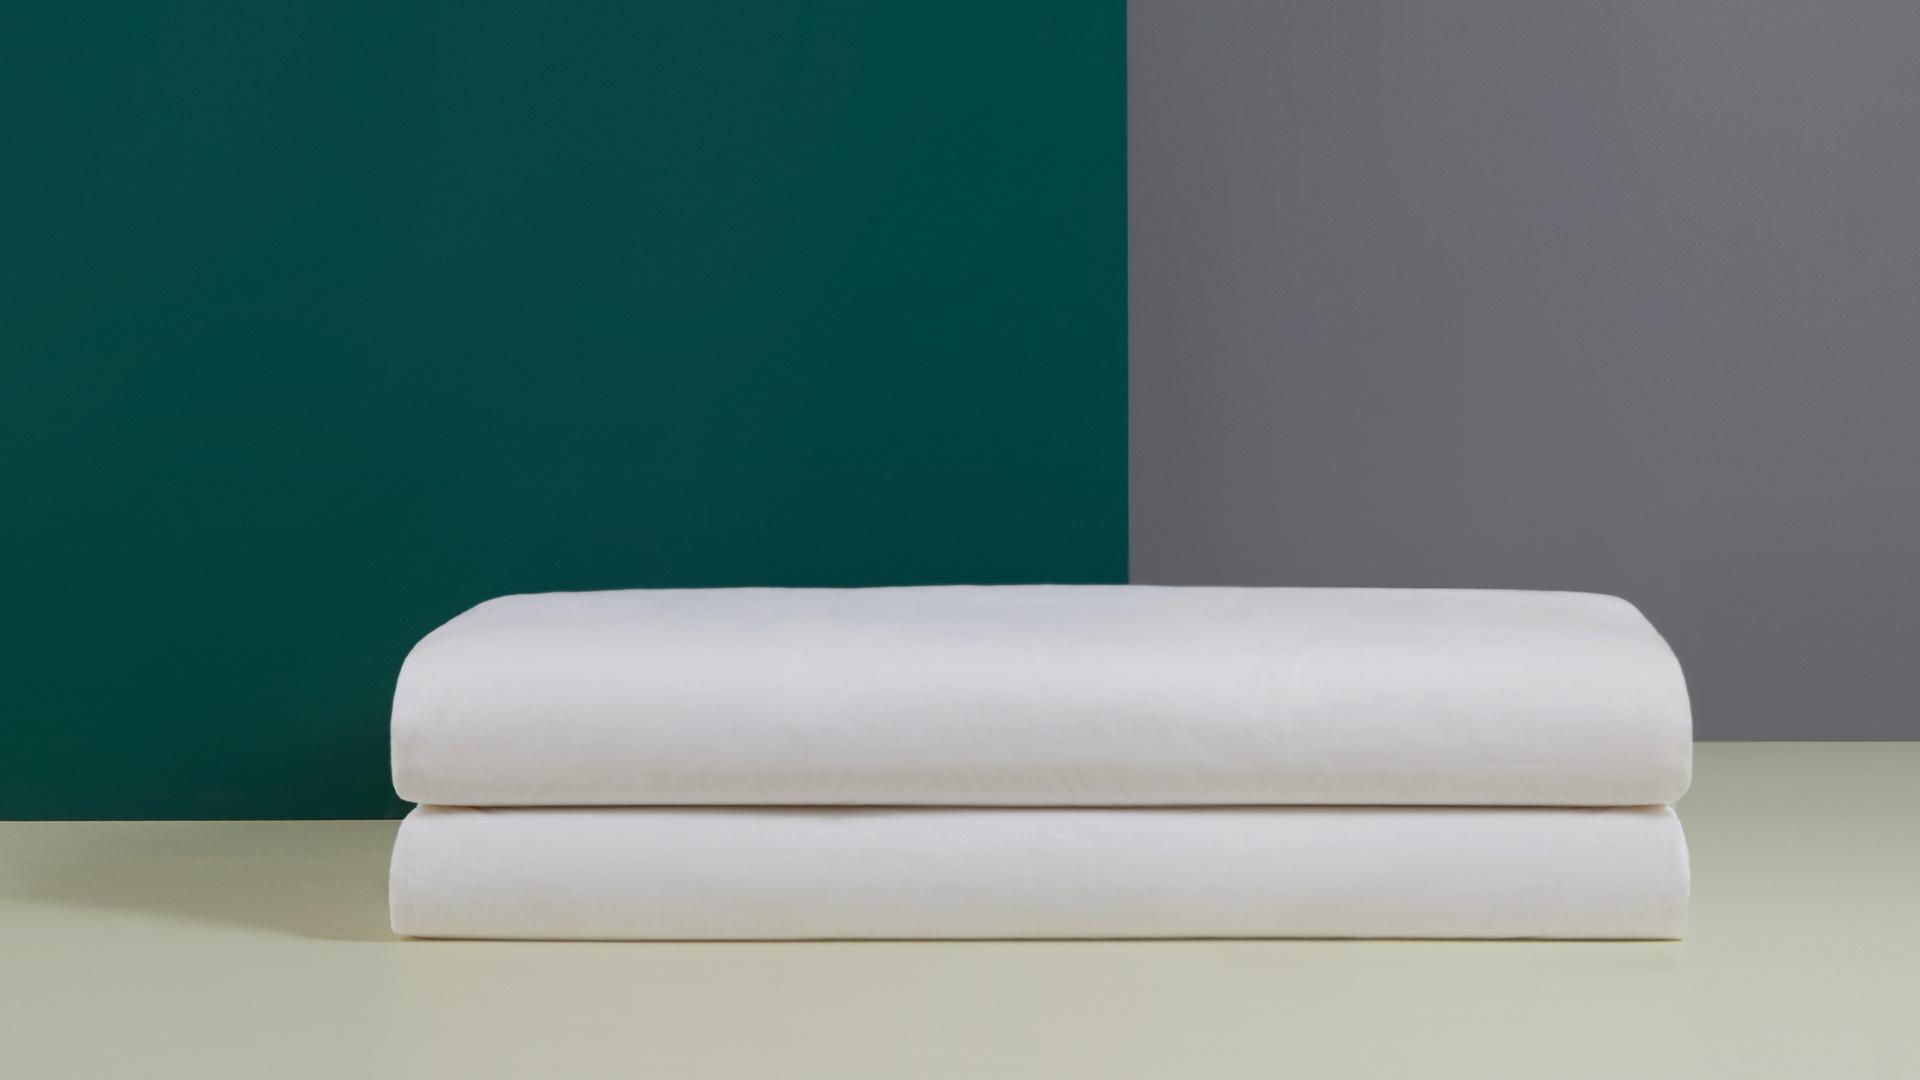 80%高级白鸭绒,让睡眠时间自动调温